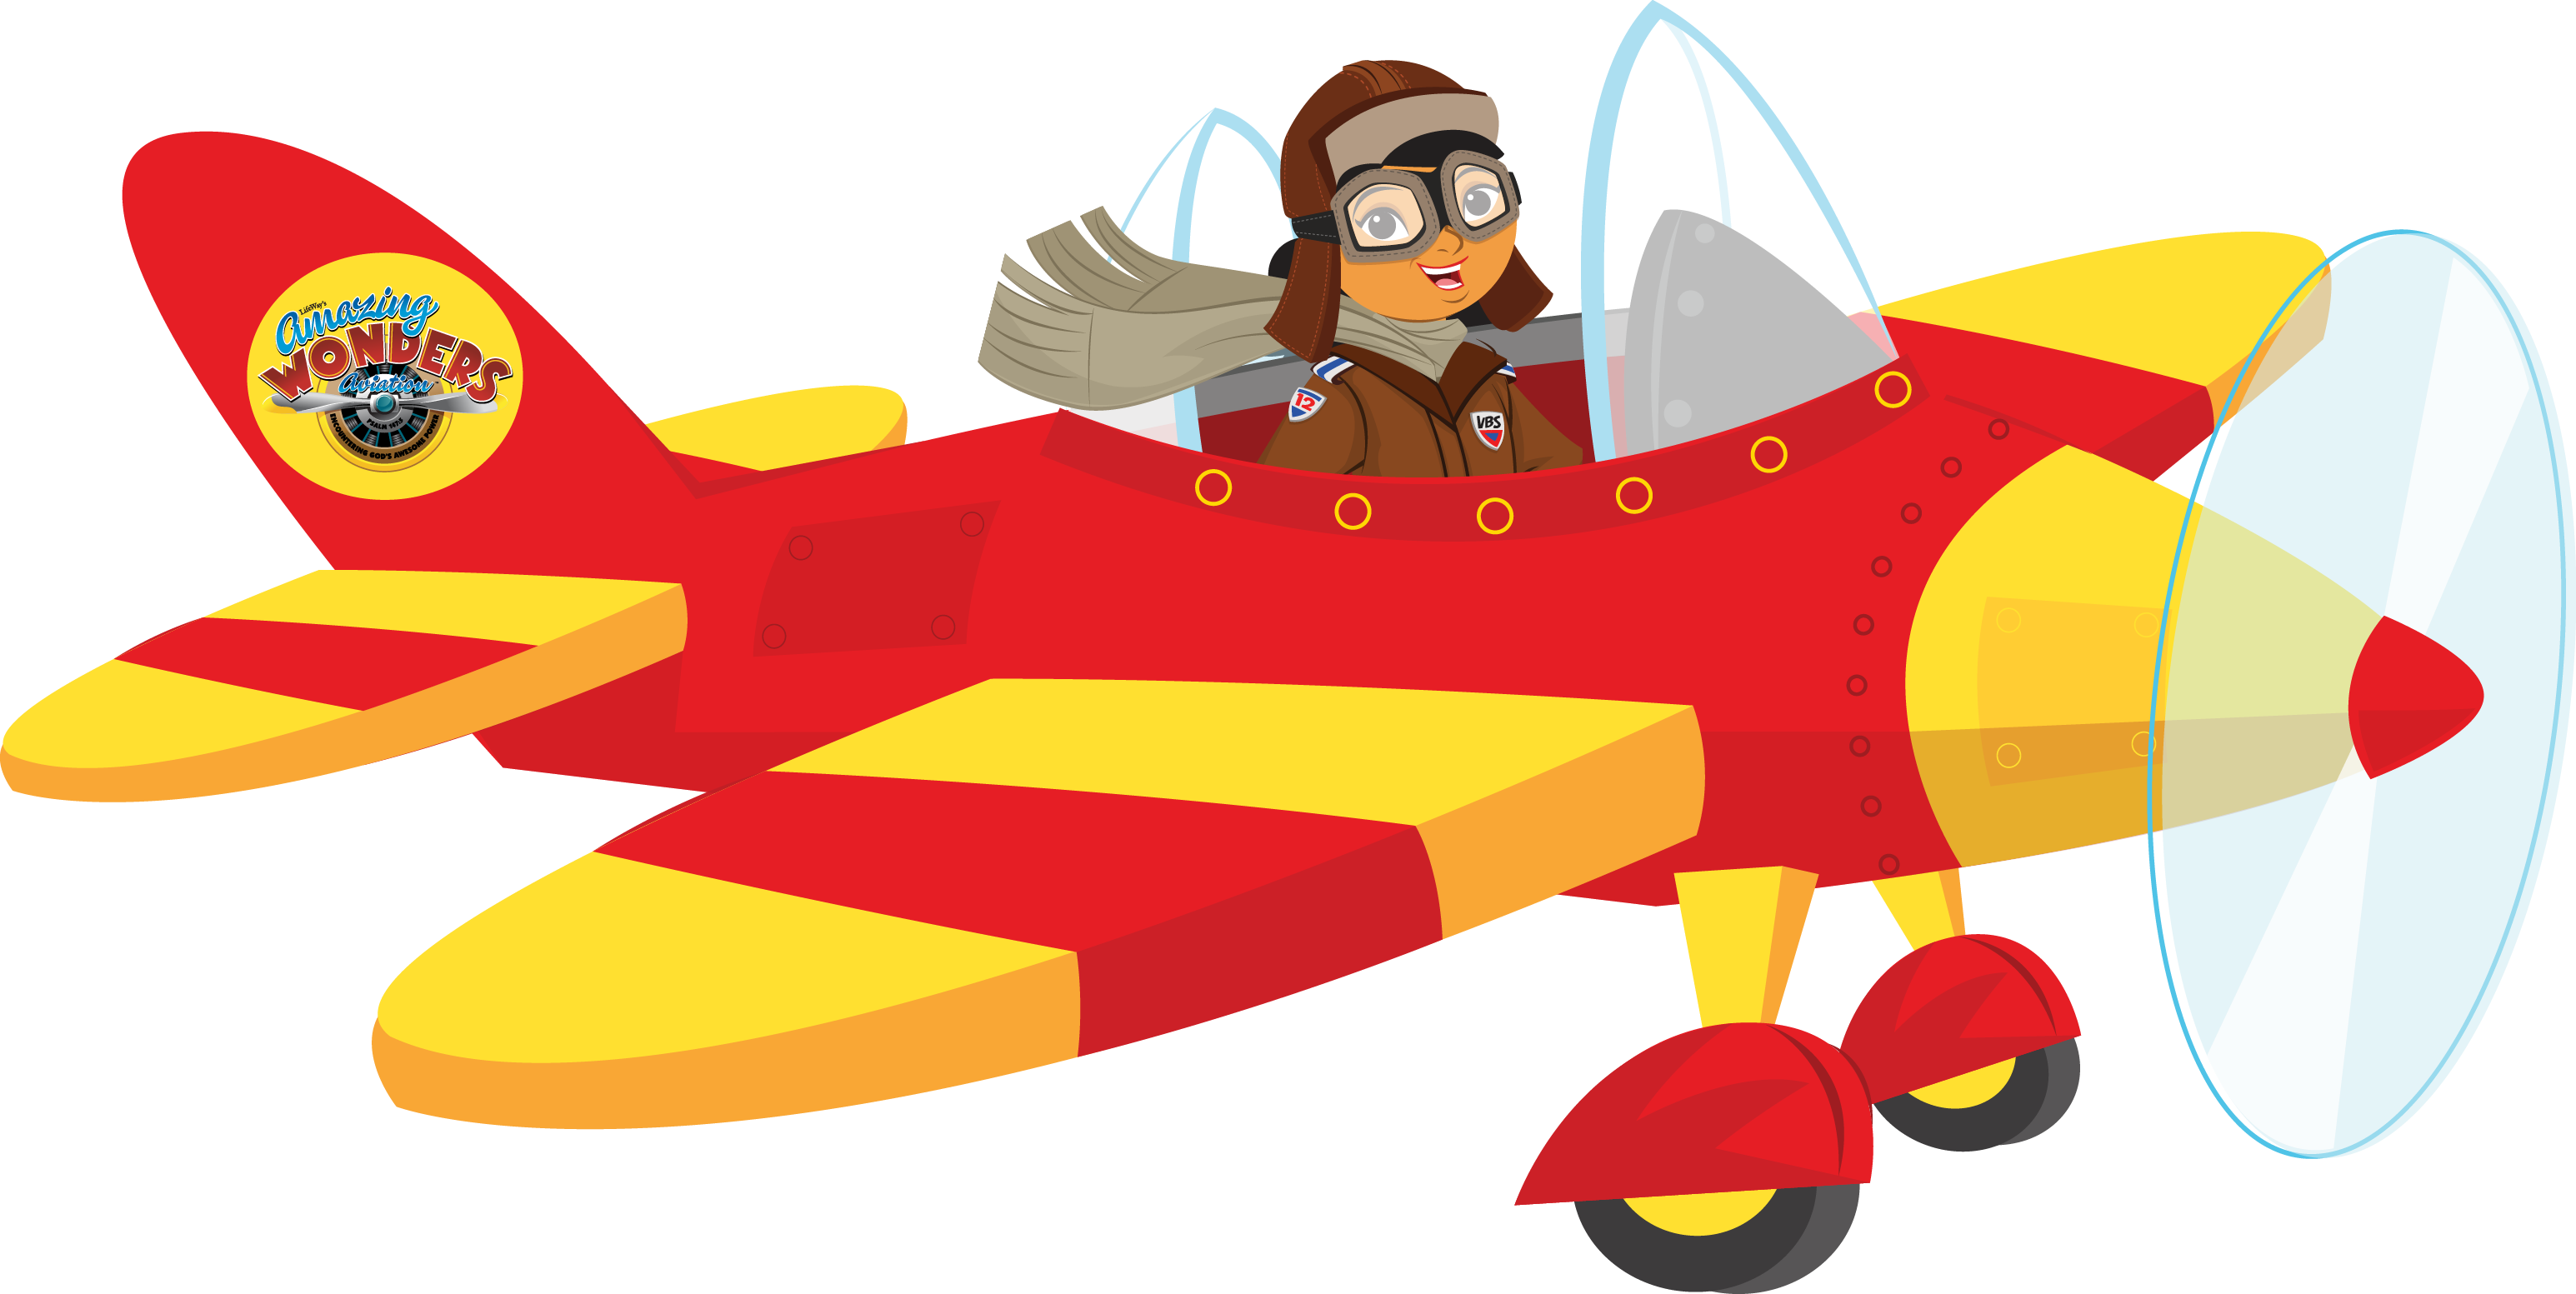 Pilot clipart pilot plane. Have you seen a